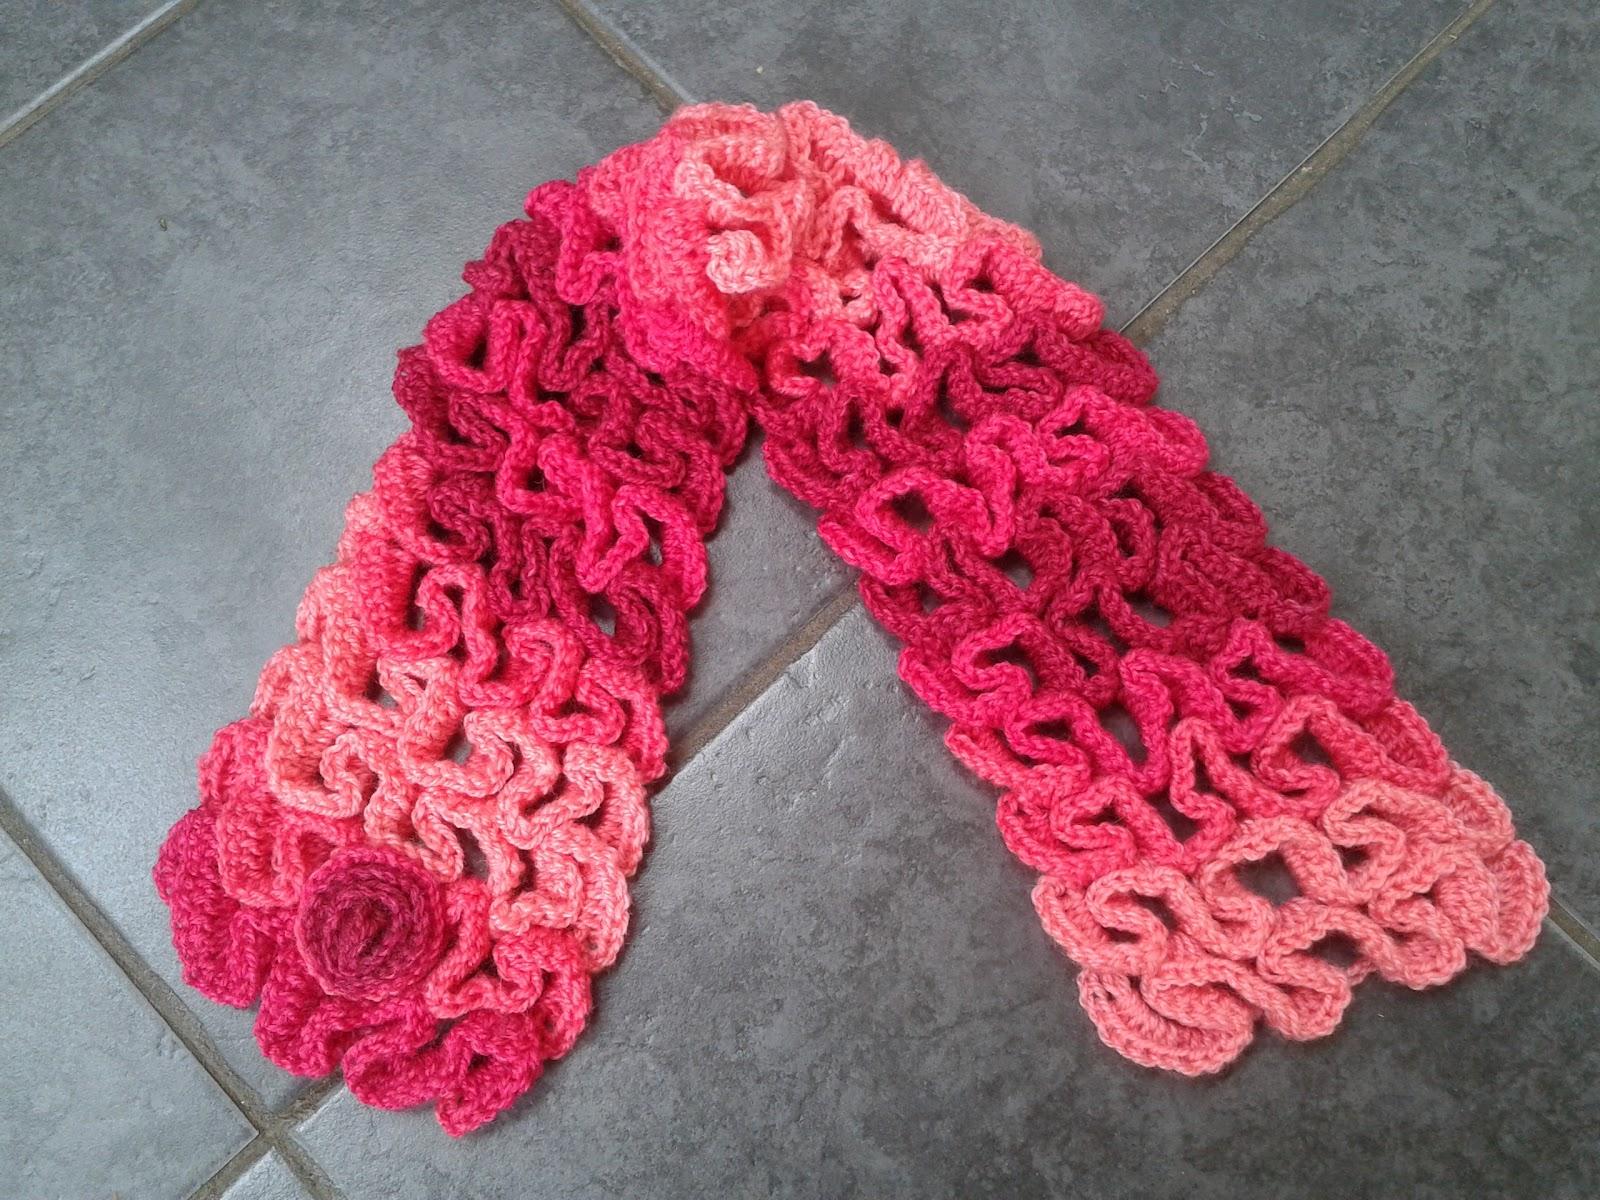 Lolly\'s Crafty Crochet: The \'Snake\' Stitch